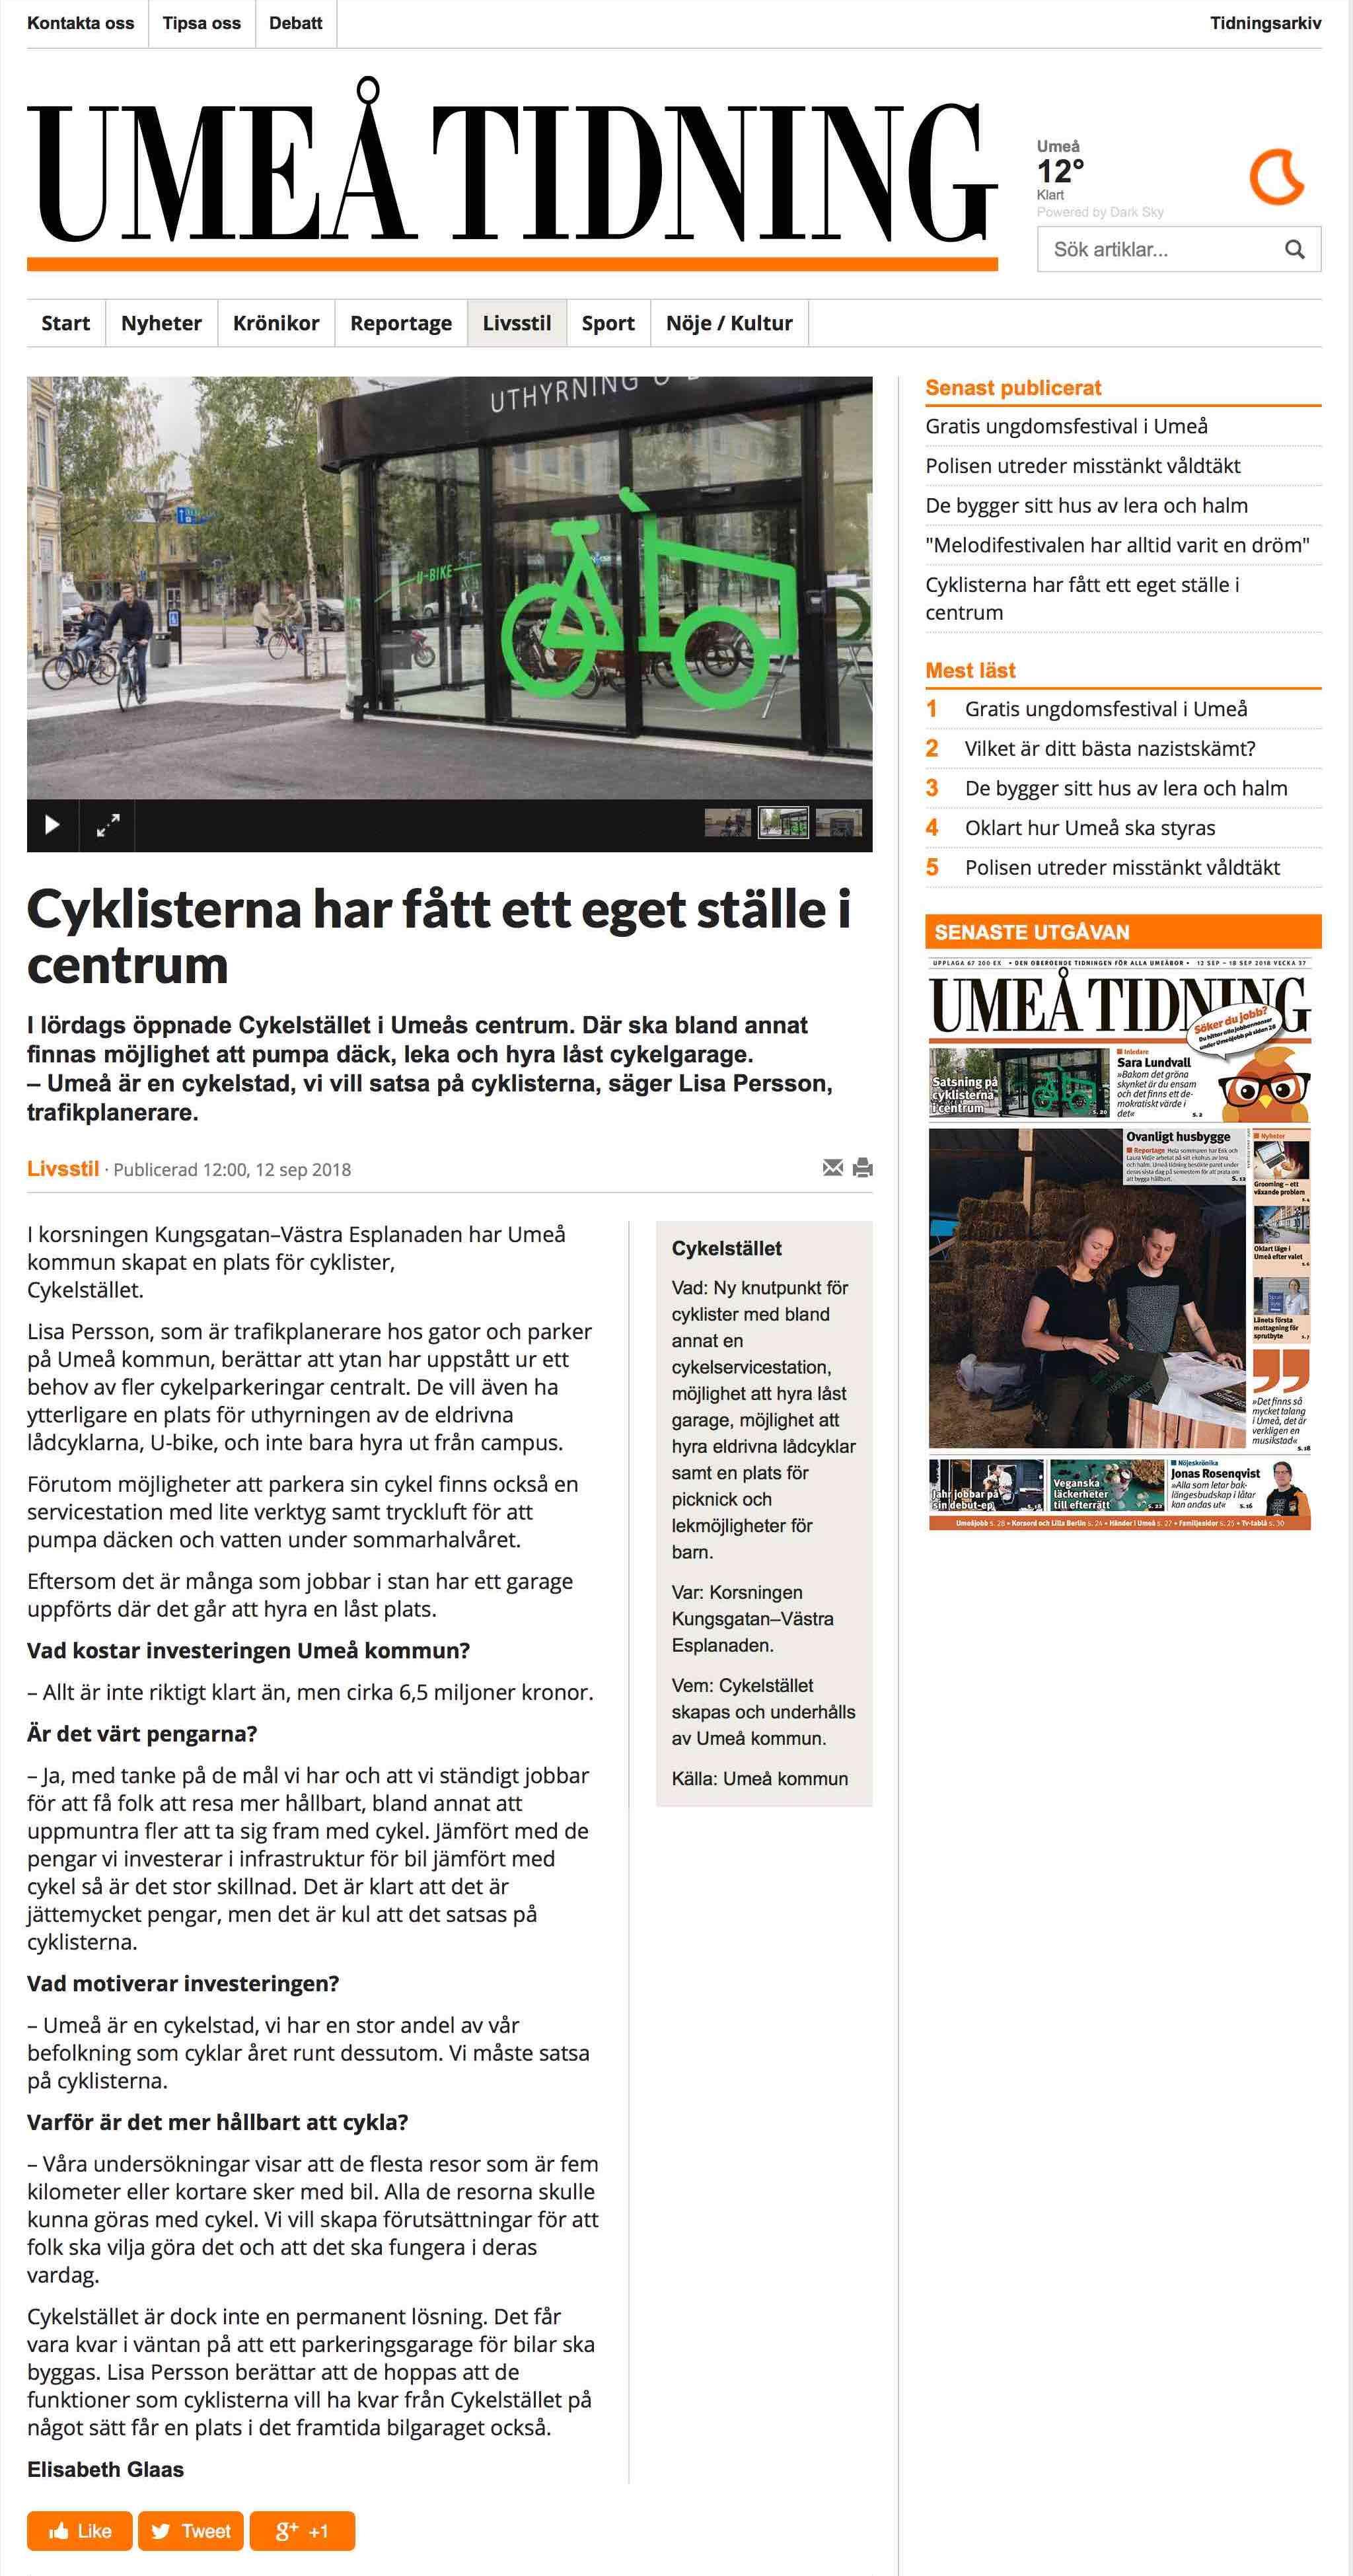 """Artikel från Umeå Tidning om invigningen av """"Cykelstället"""" i Umeå där Cyklos levererat ett uppvärmt cykelgarage, cykelställ och cykeltak"""